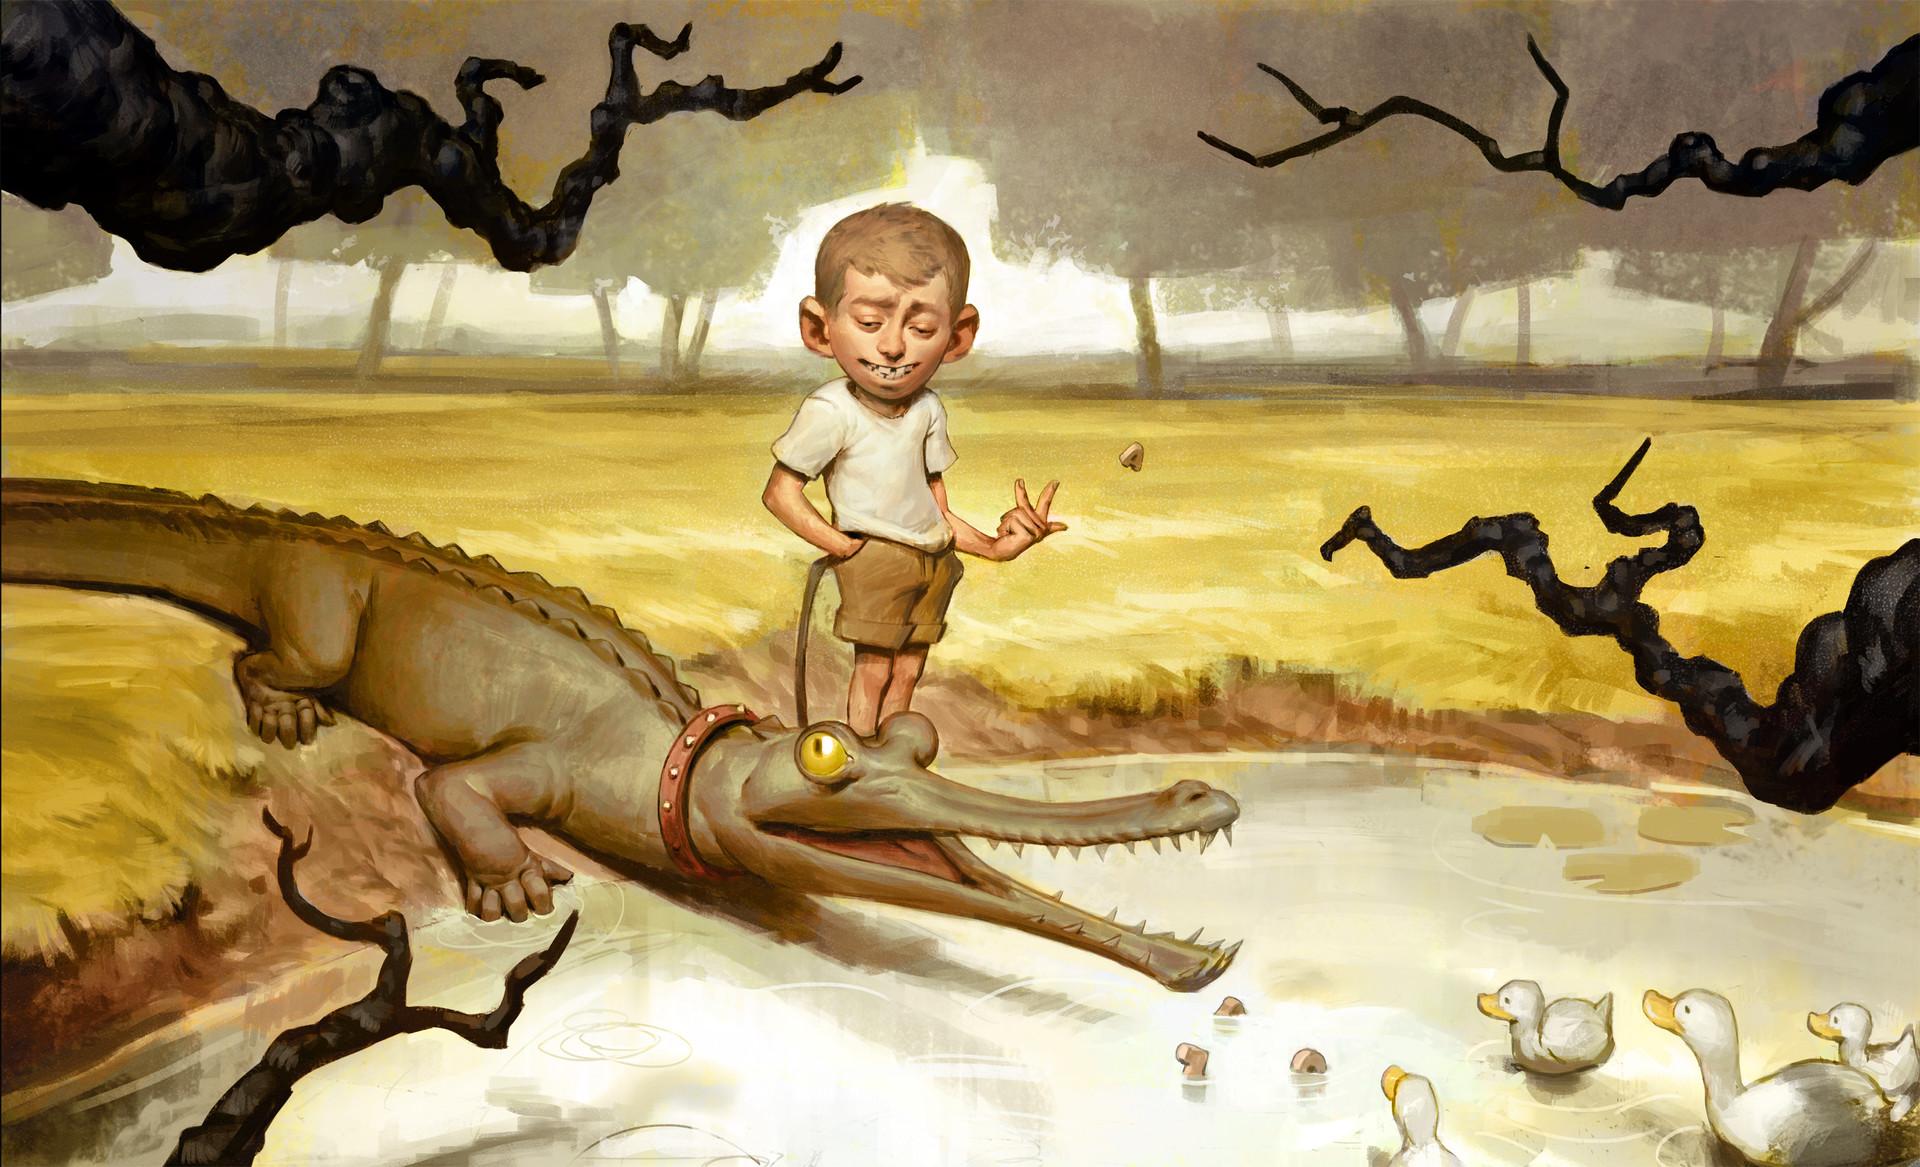 Jens claessens gharial3